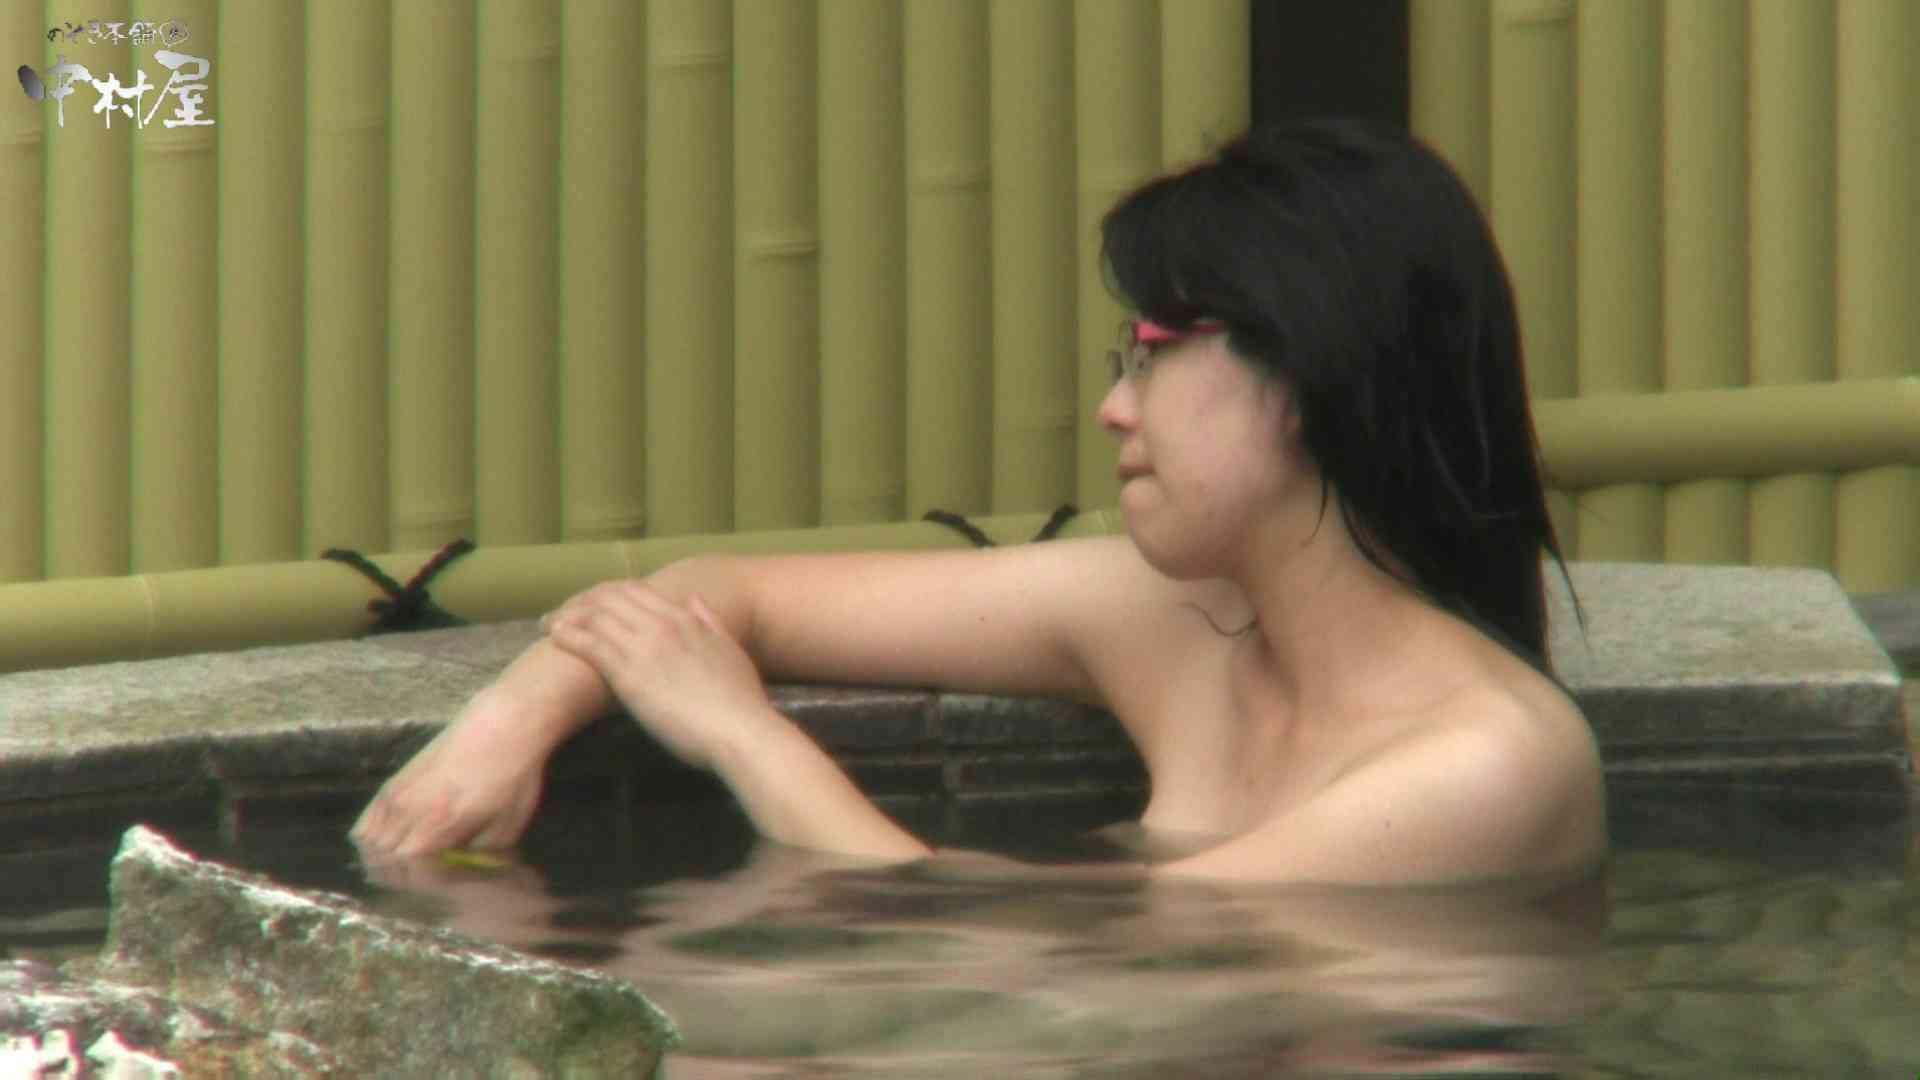 Aquaな露天風呂Vol.947 OLハメ撮り  61Pix 5